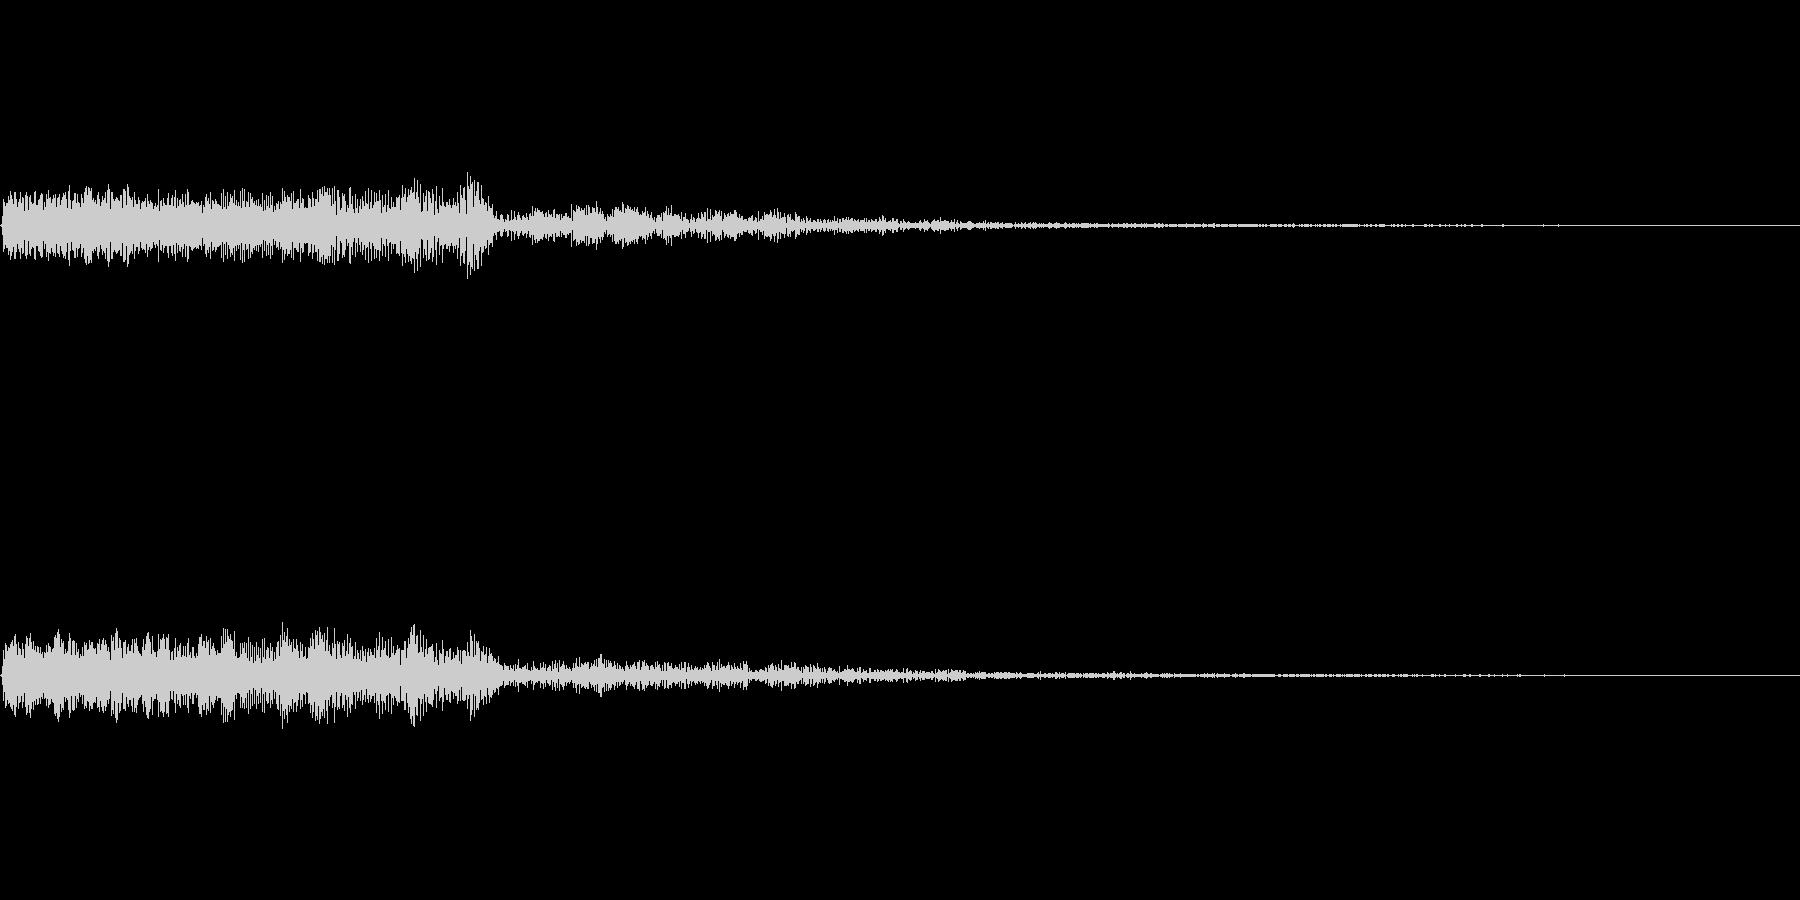 ピューン(シューティングゲームの発射音)の未再生の波形